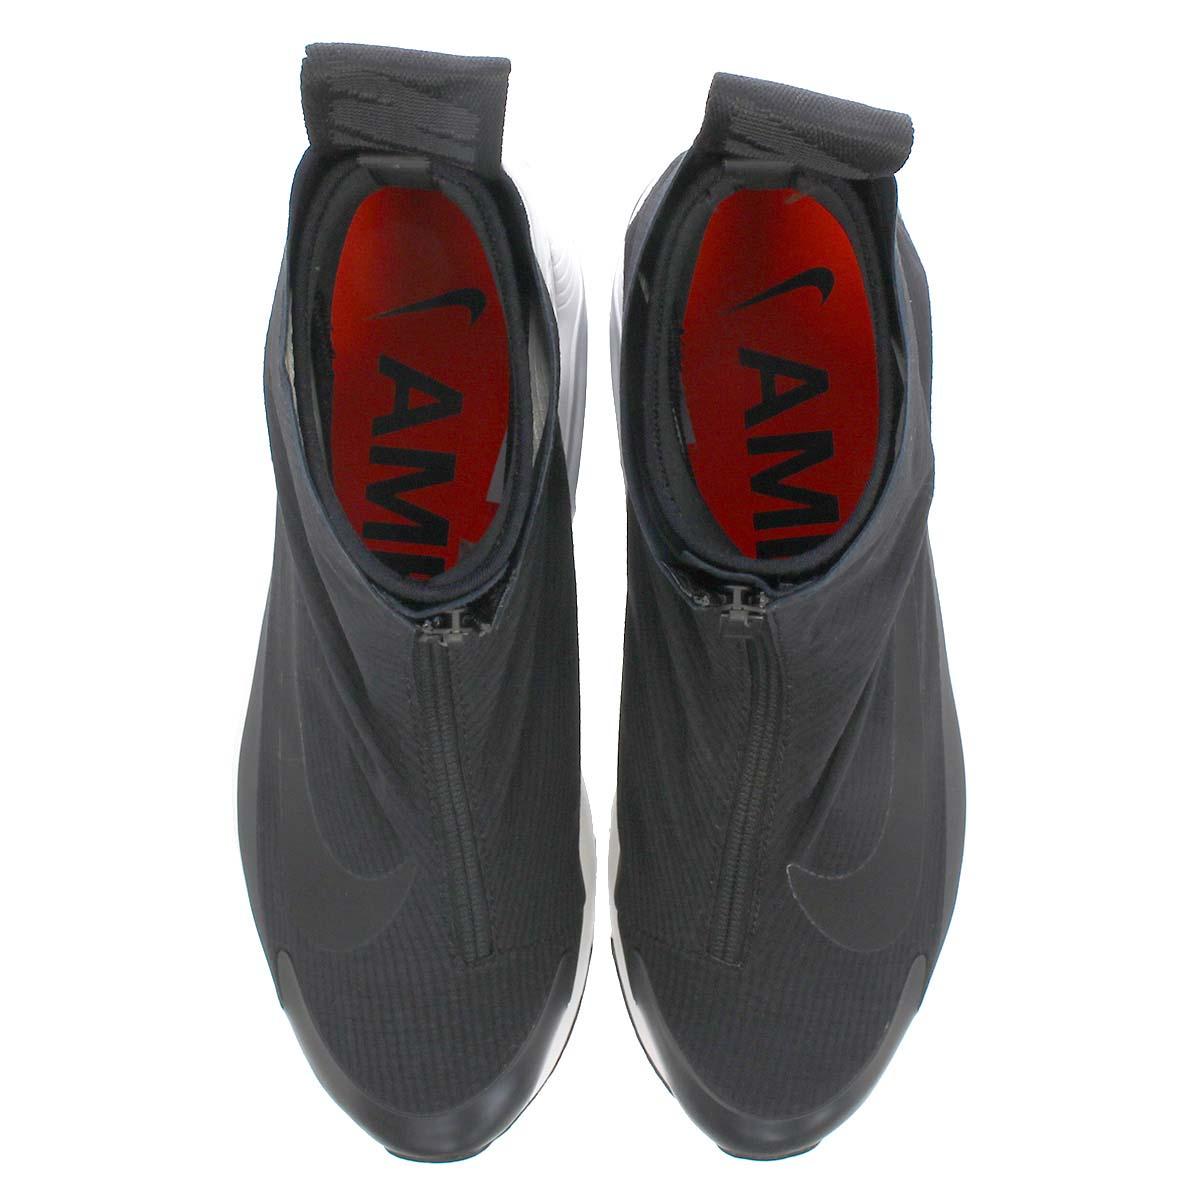 AMBUSH x NIKE AIR MAX 180 HIGH BLACK / BLACK / PALE GREY BV0145-001 アンブッシュ × ナイキ エアマックス180 ハイ ブラック/グレー